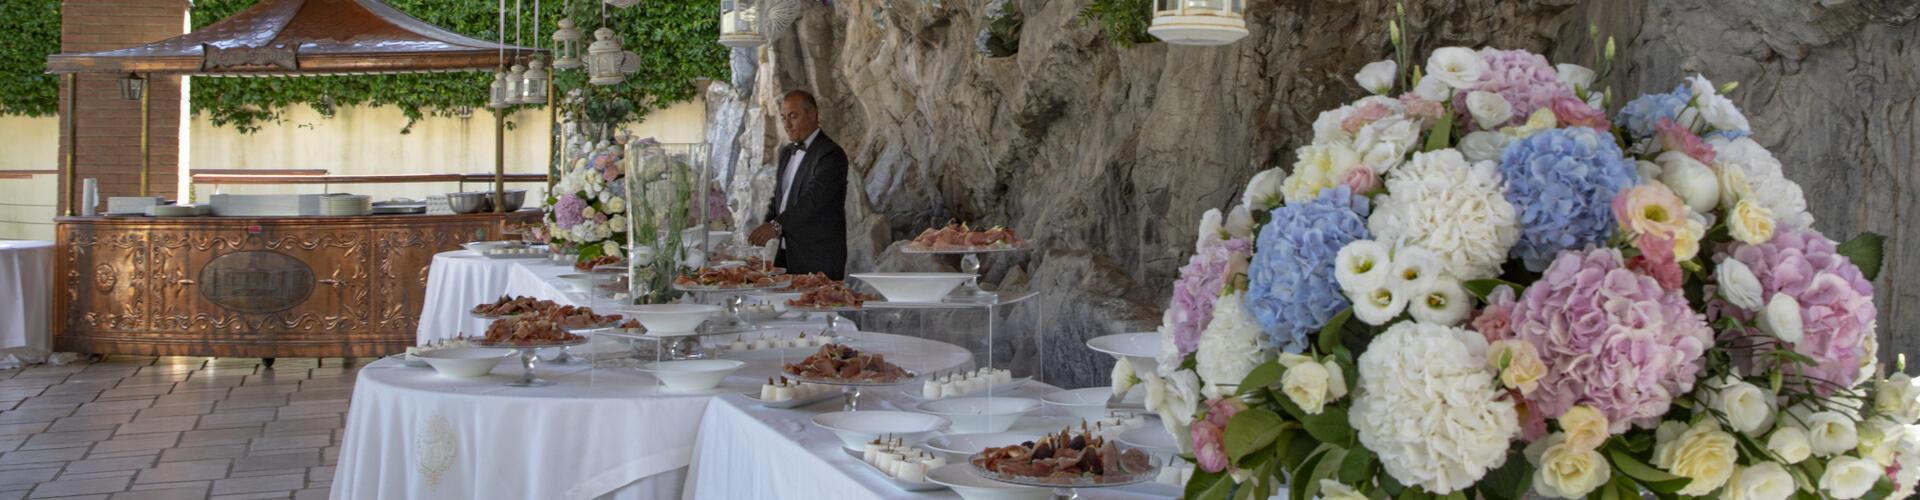 Aktion für die Hochzeitsmenüprobe als Präsent für Braut und Bräutigam mit Besuch der Empfangssäle